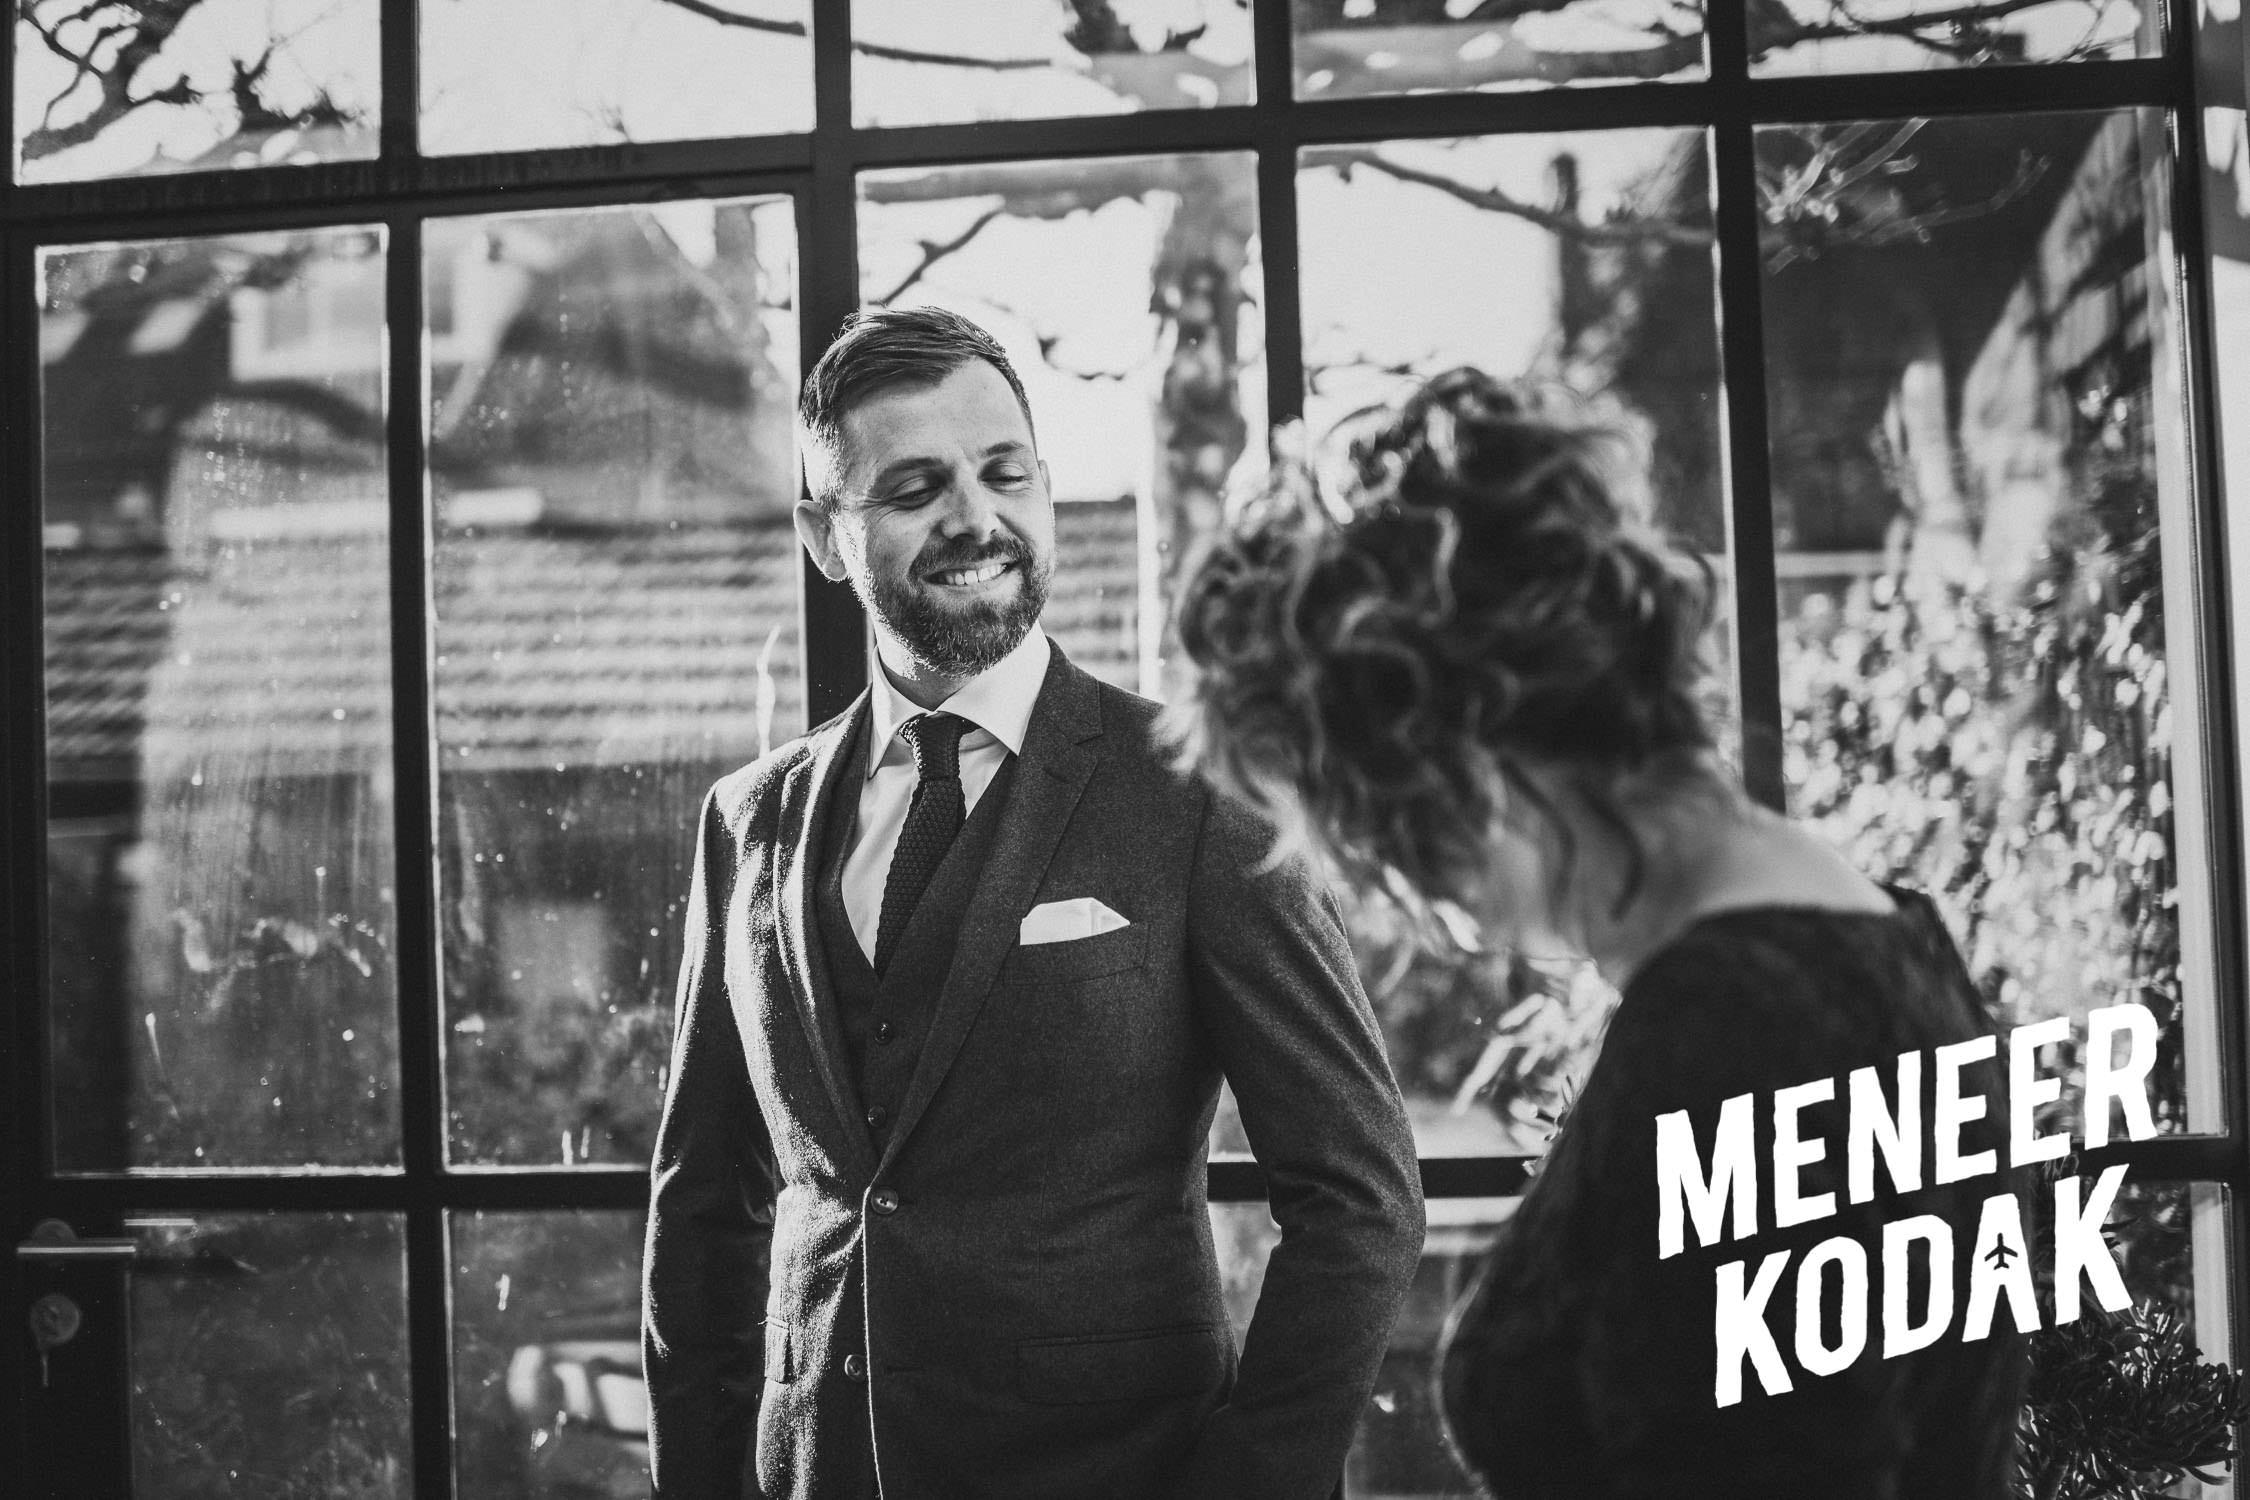 Meneer Kodak - Bruidsfotograaf - Breda - S&R-061.jpg